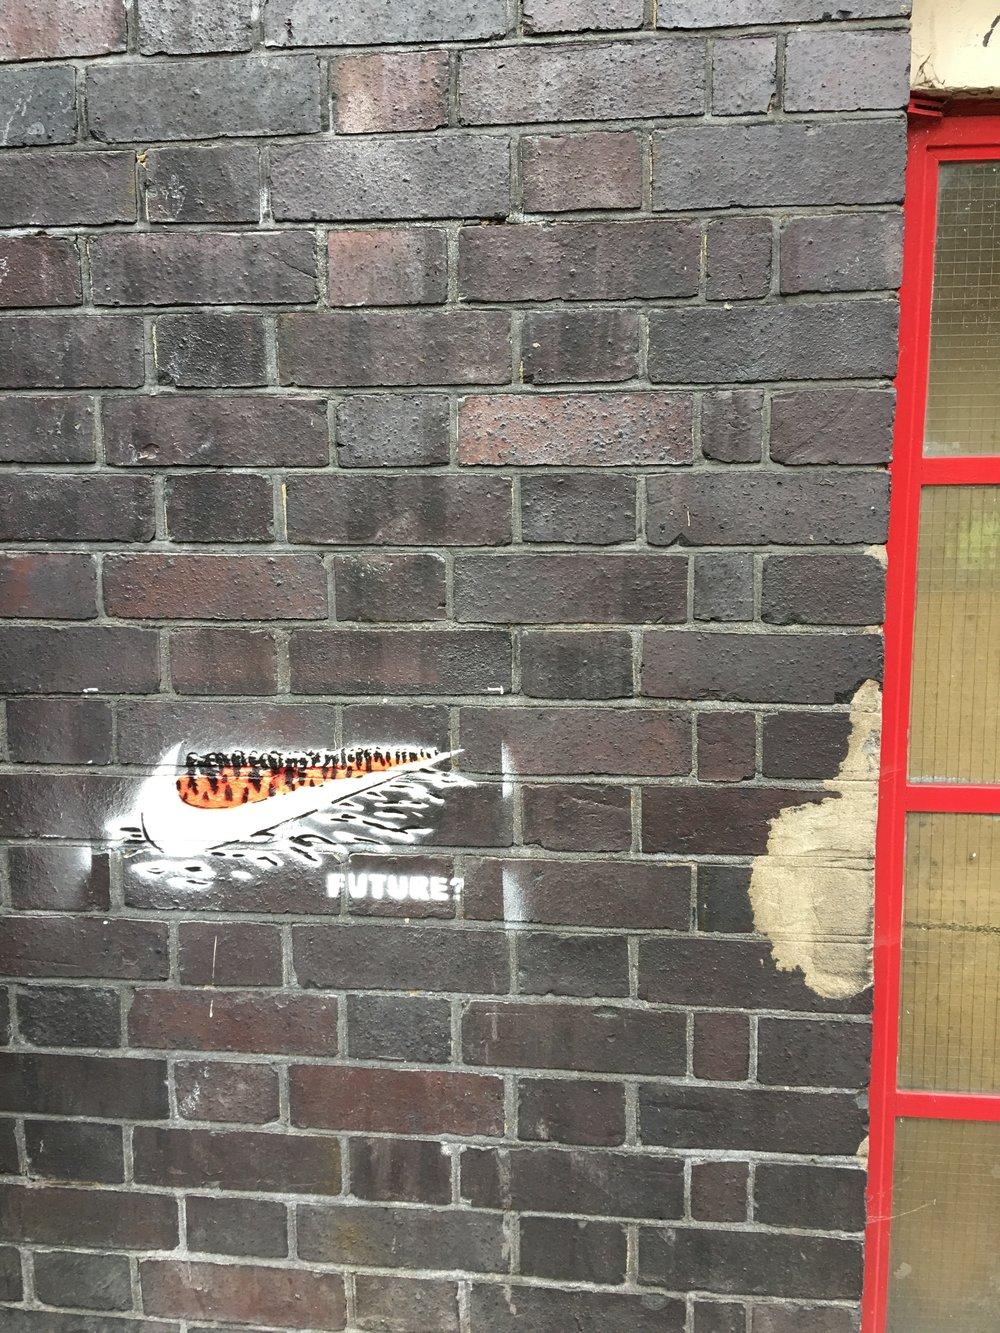 Not a Banksy.